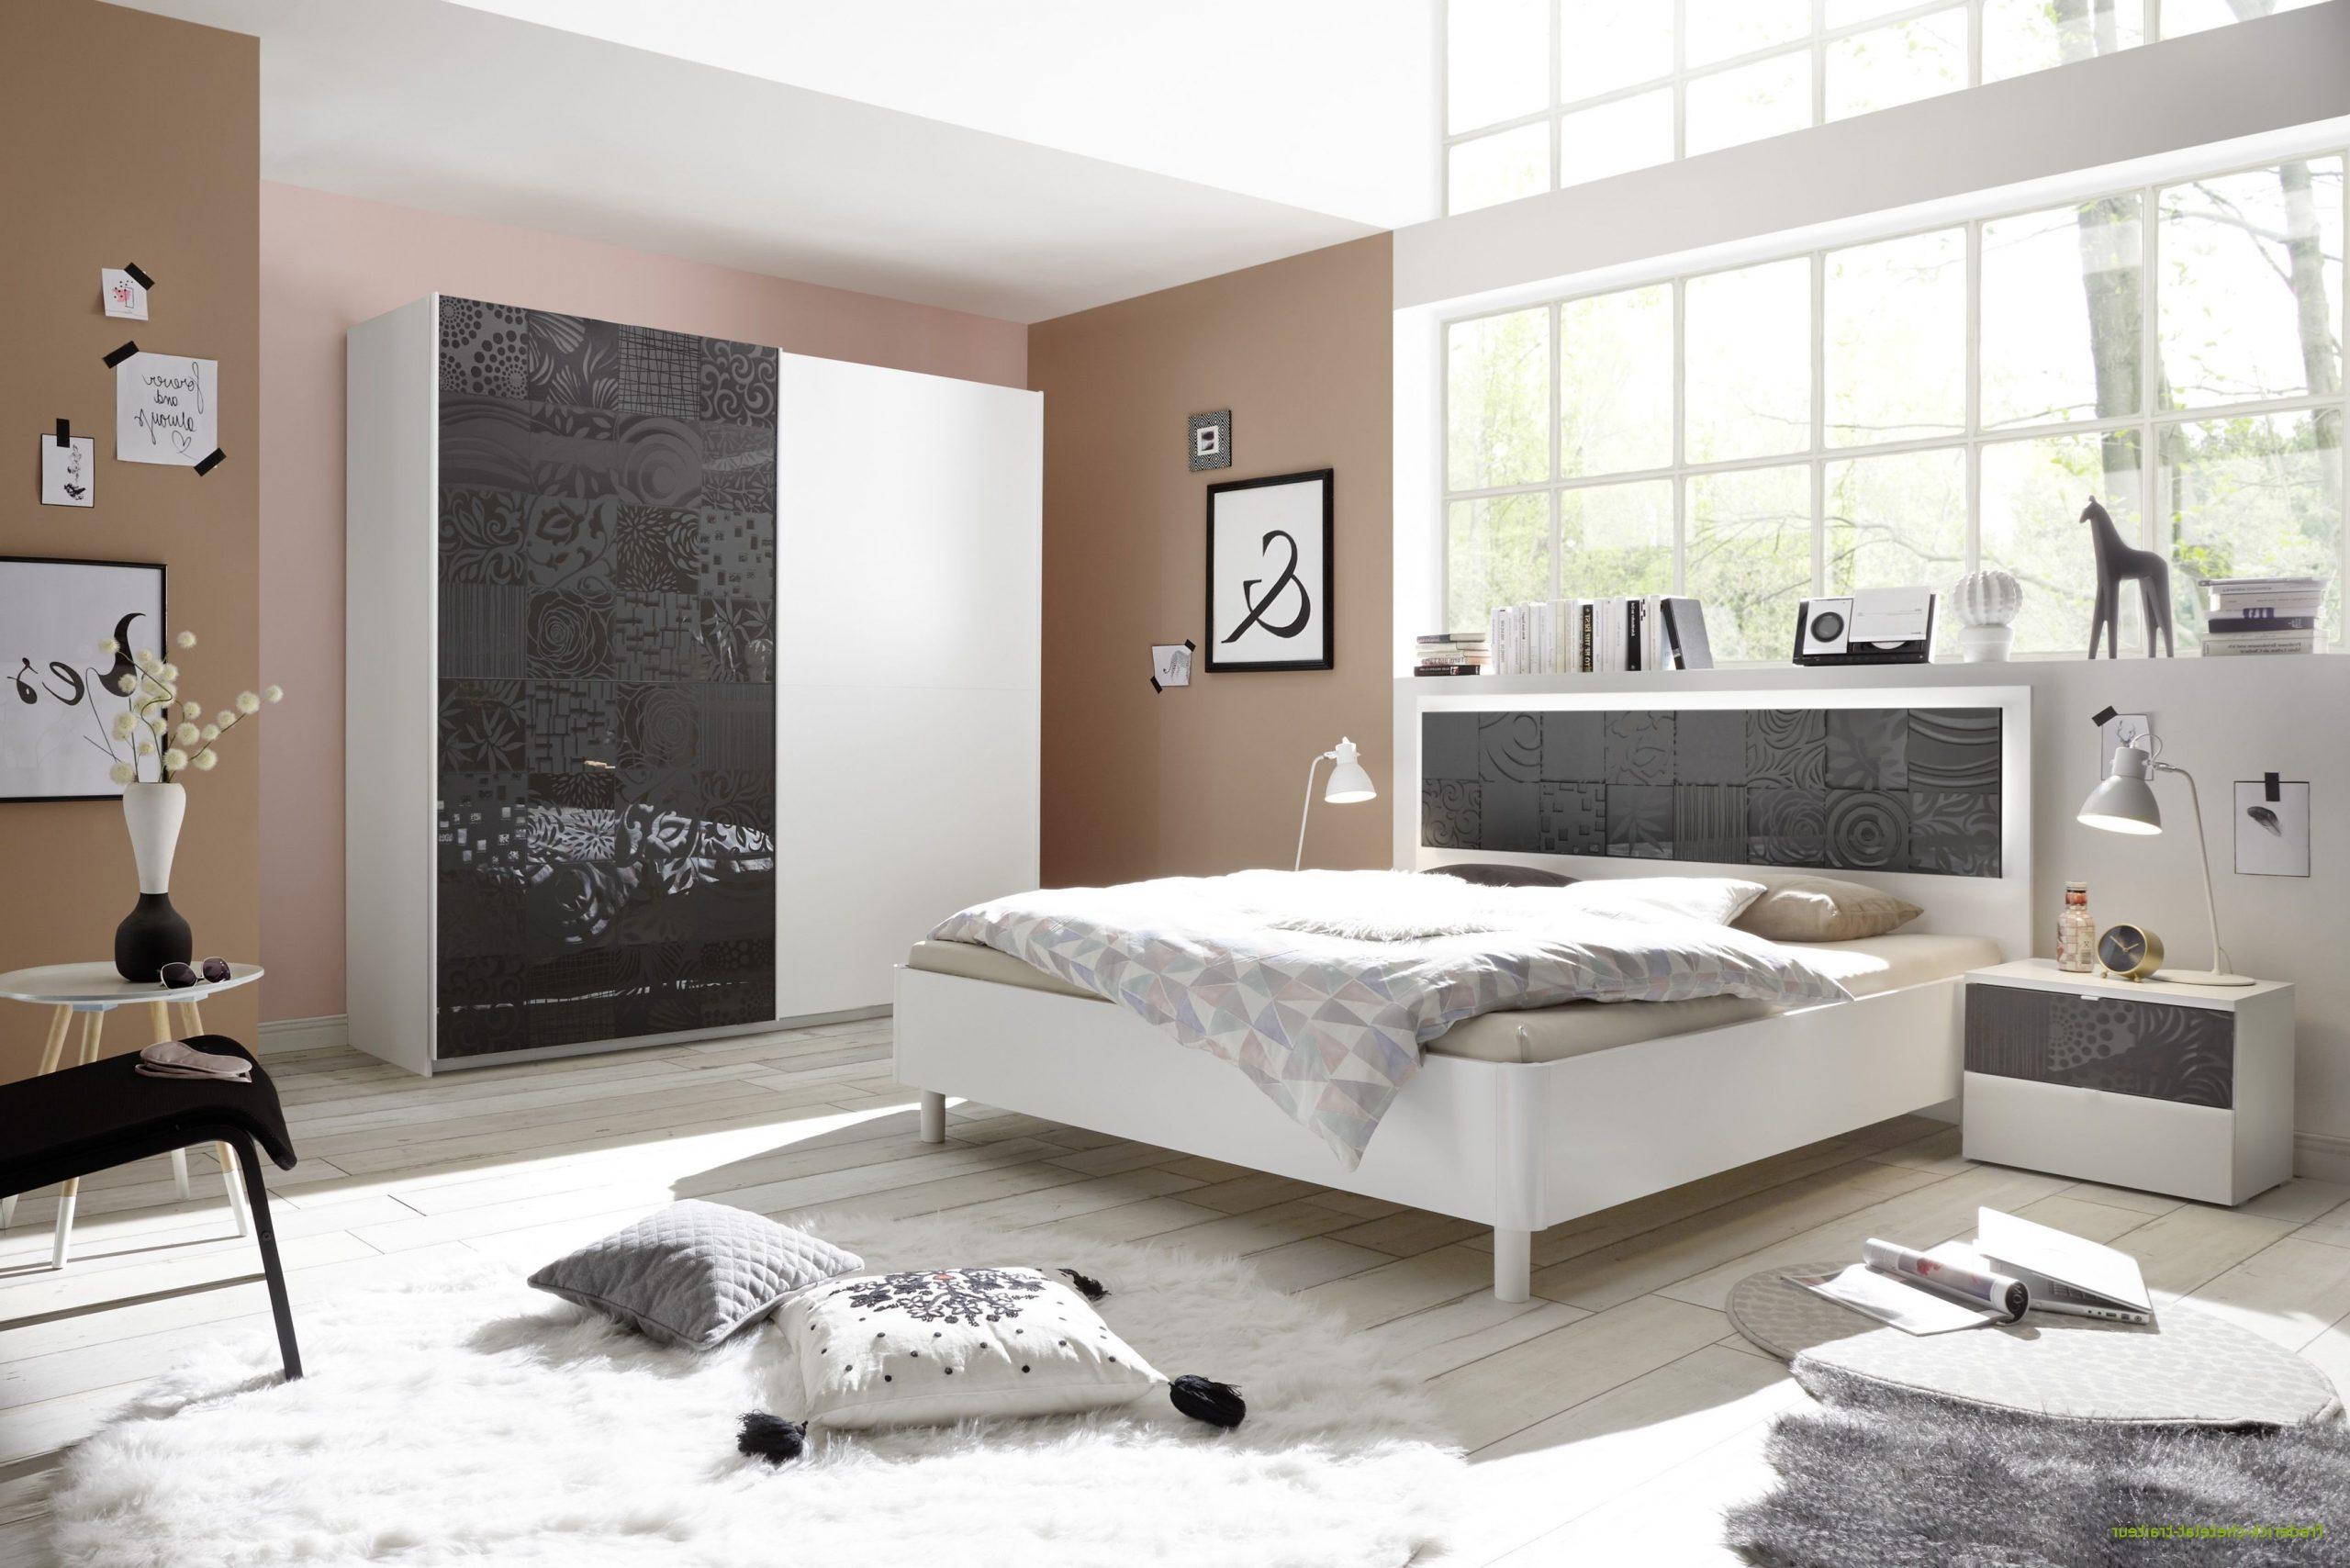 Full Size of Schlafzimmer Weiss Massivholz Wandtattoo Bett 160x200 Komplett Komplettküche Deckenleuchten Günstige Stehlampe Komplettangebote Weiß Poco Nolte Mit Schlafzimmer Günstige Schlafzimmer Komplett